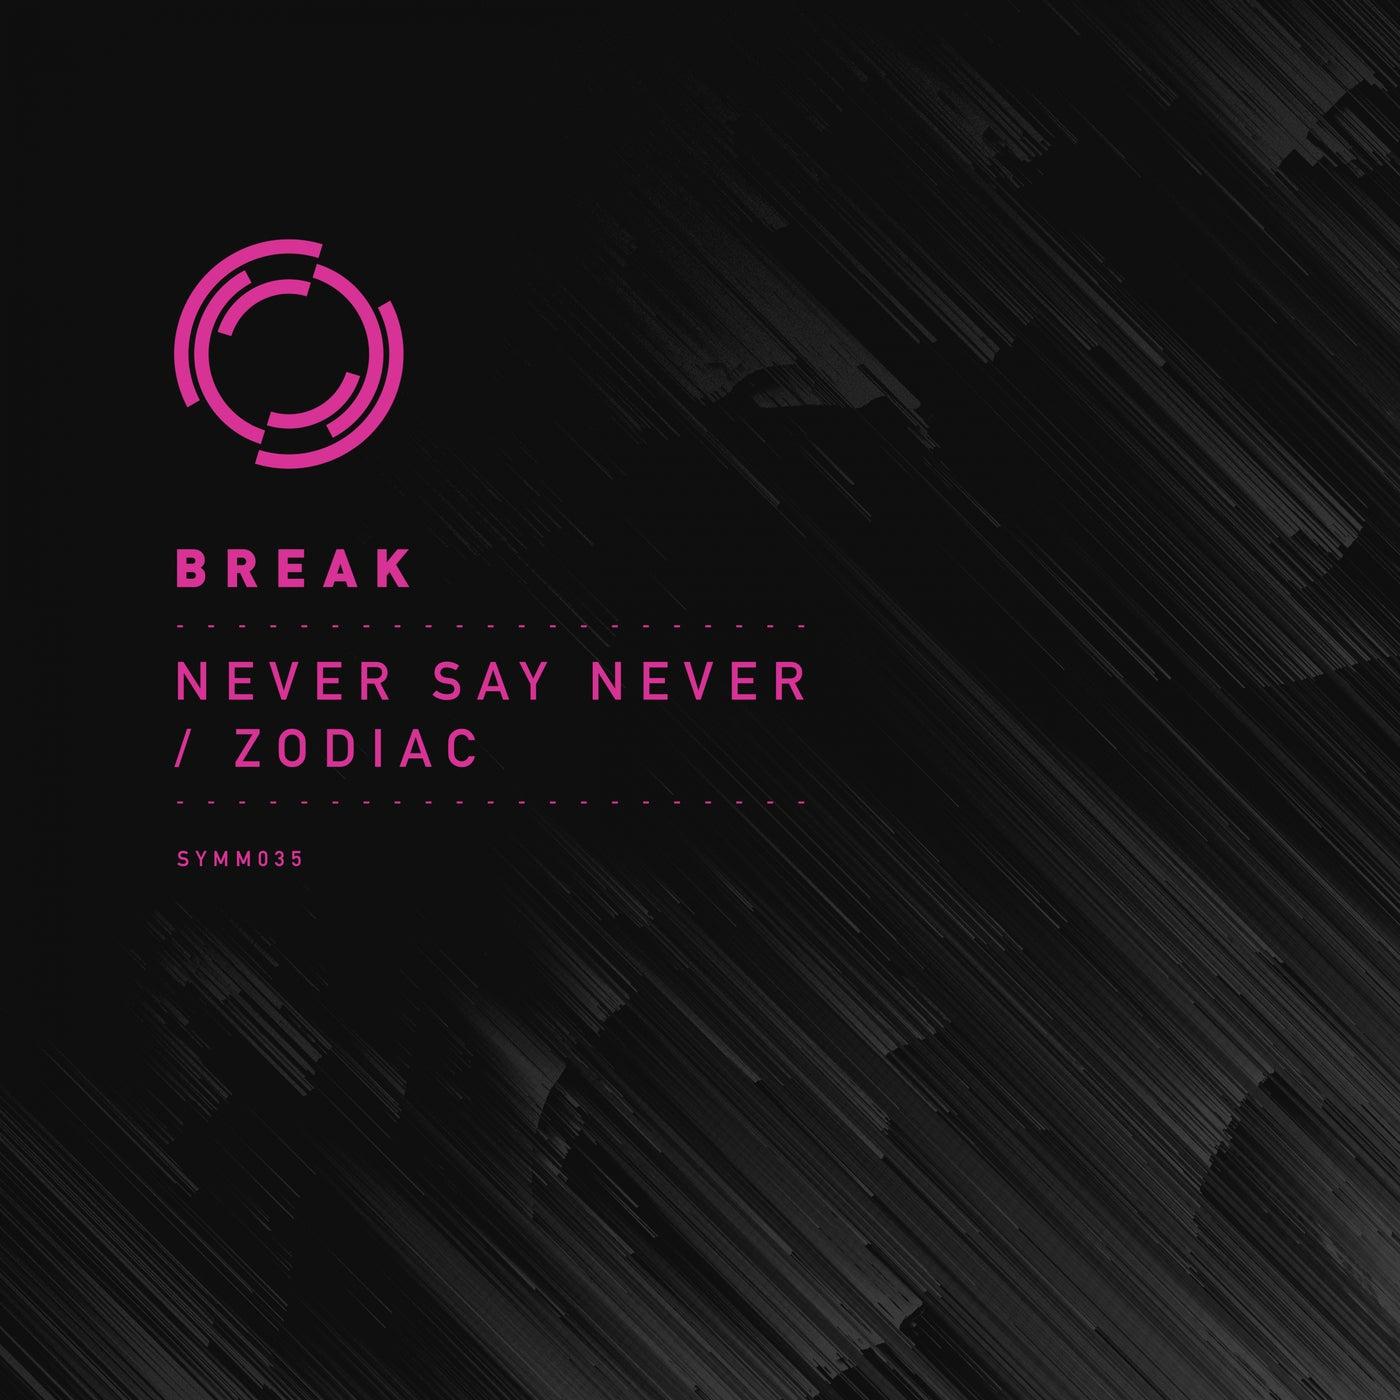 Never Say Never (Original Mix)